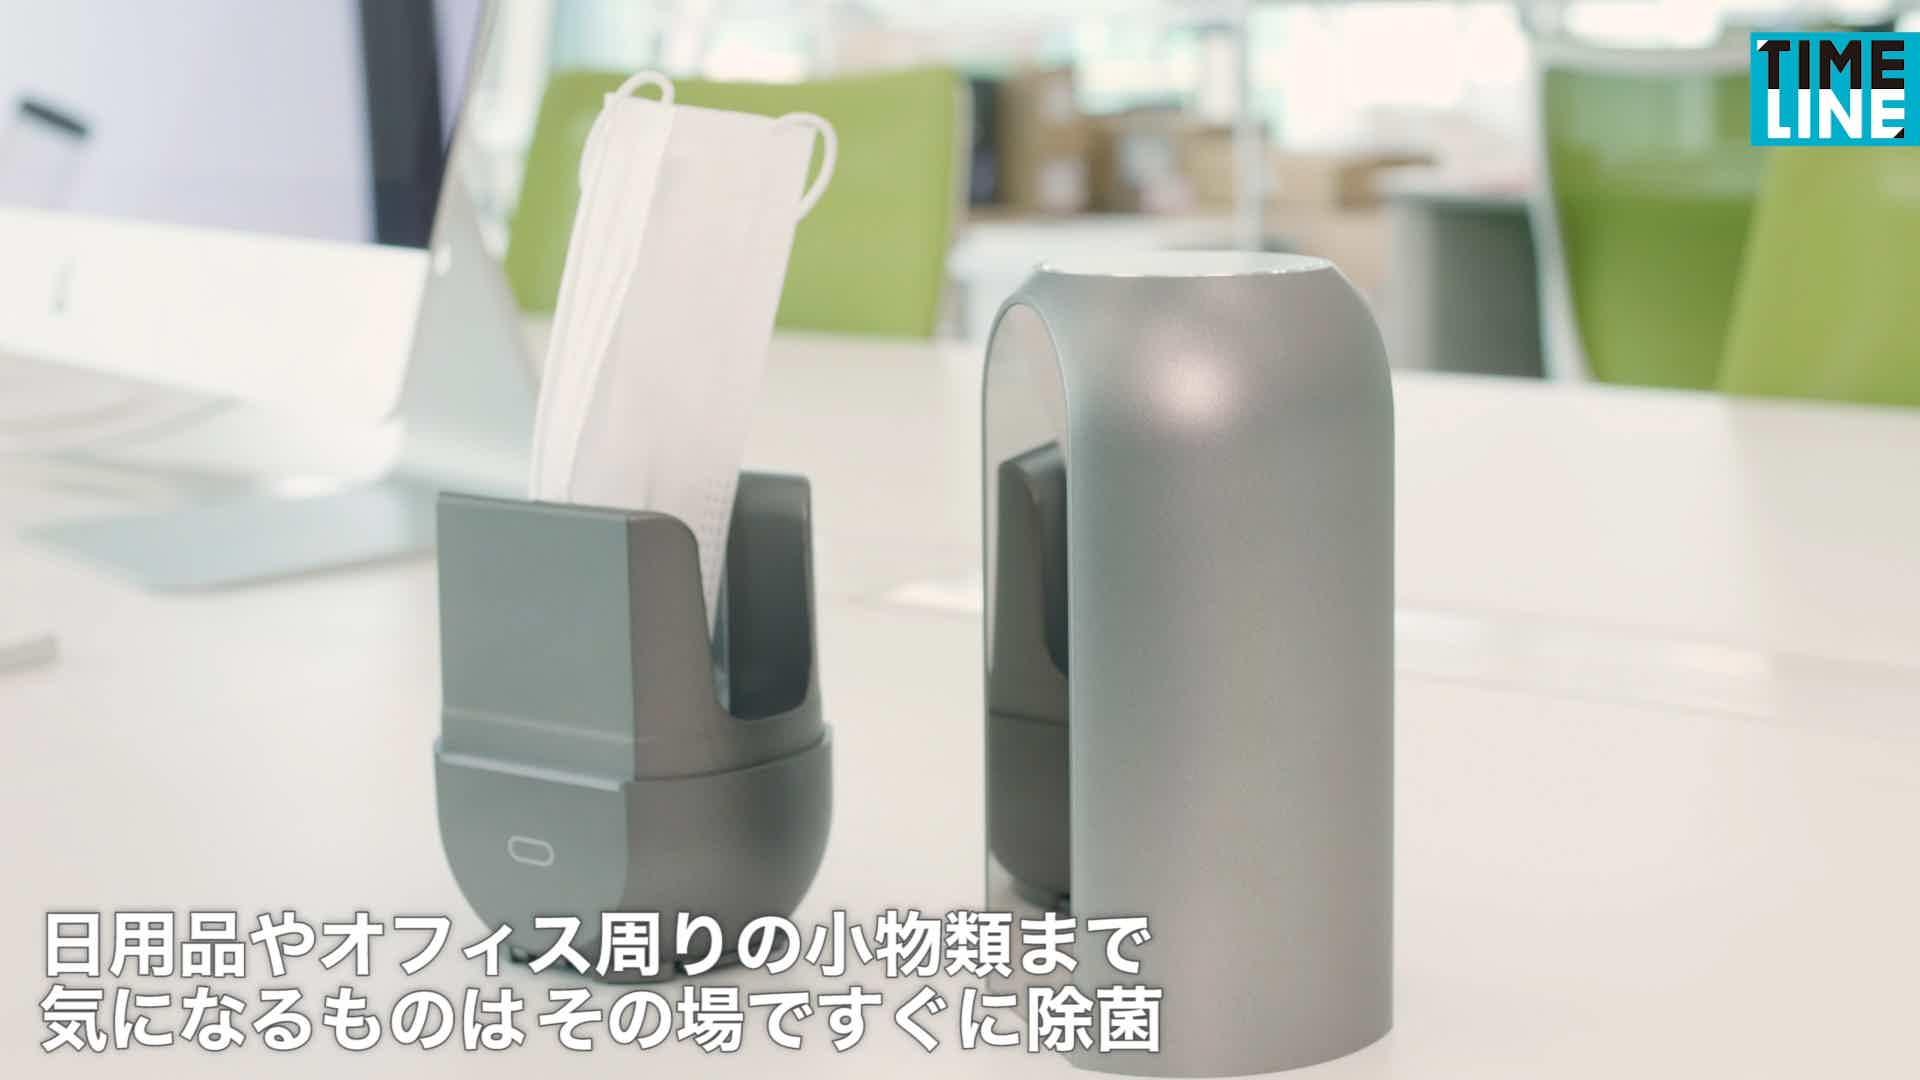 LINK UV+オゾン スマホ除菌器